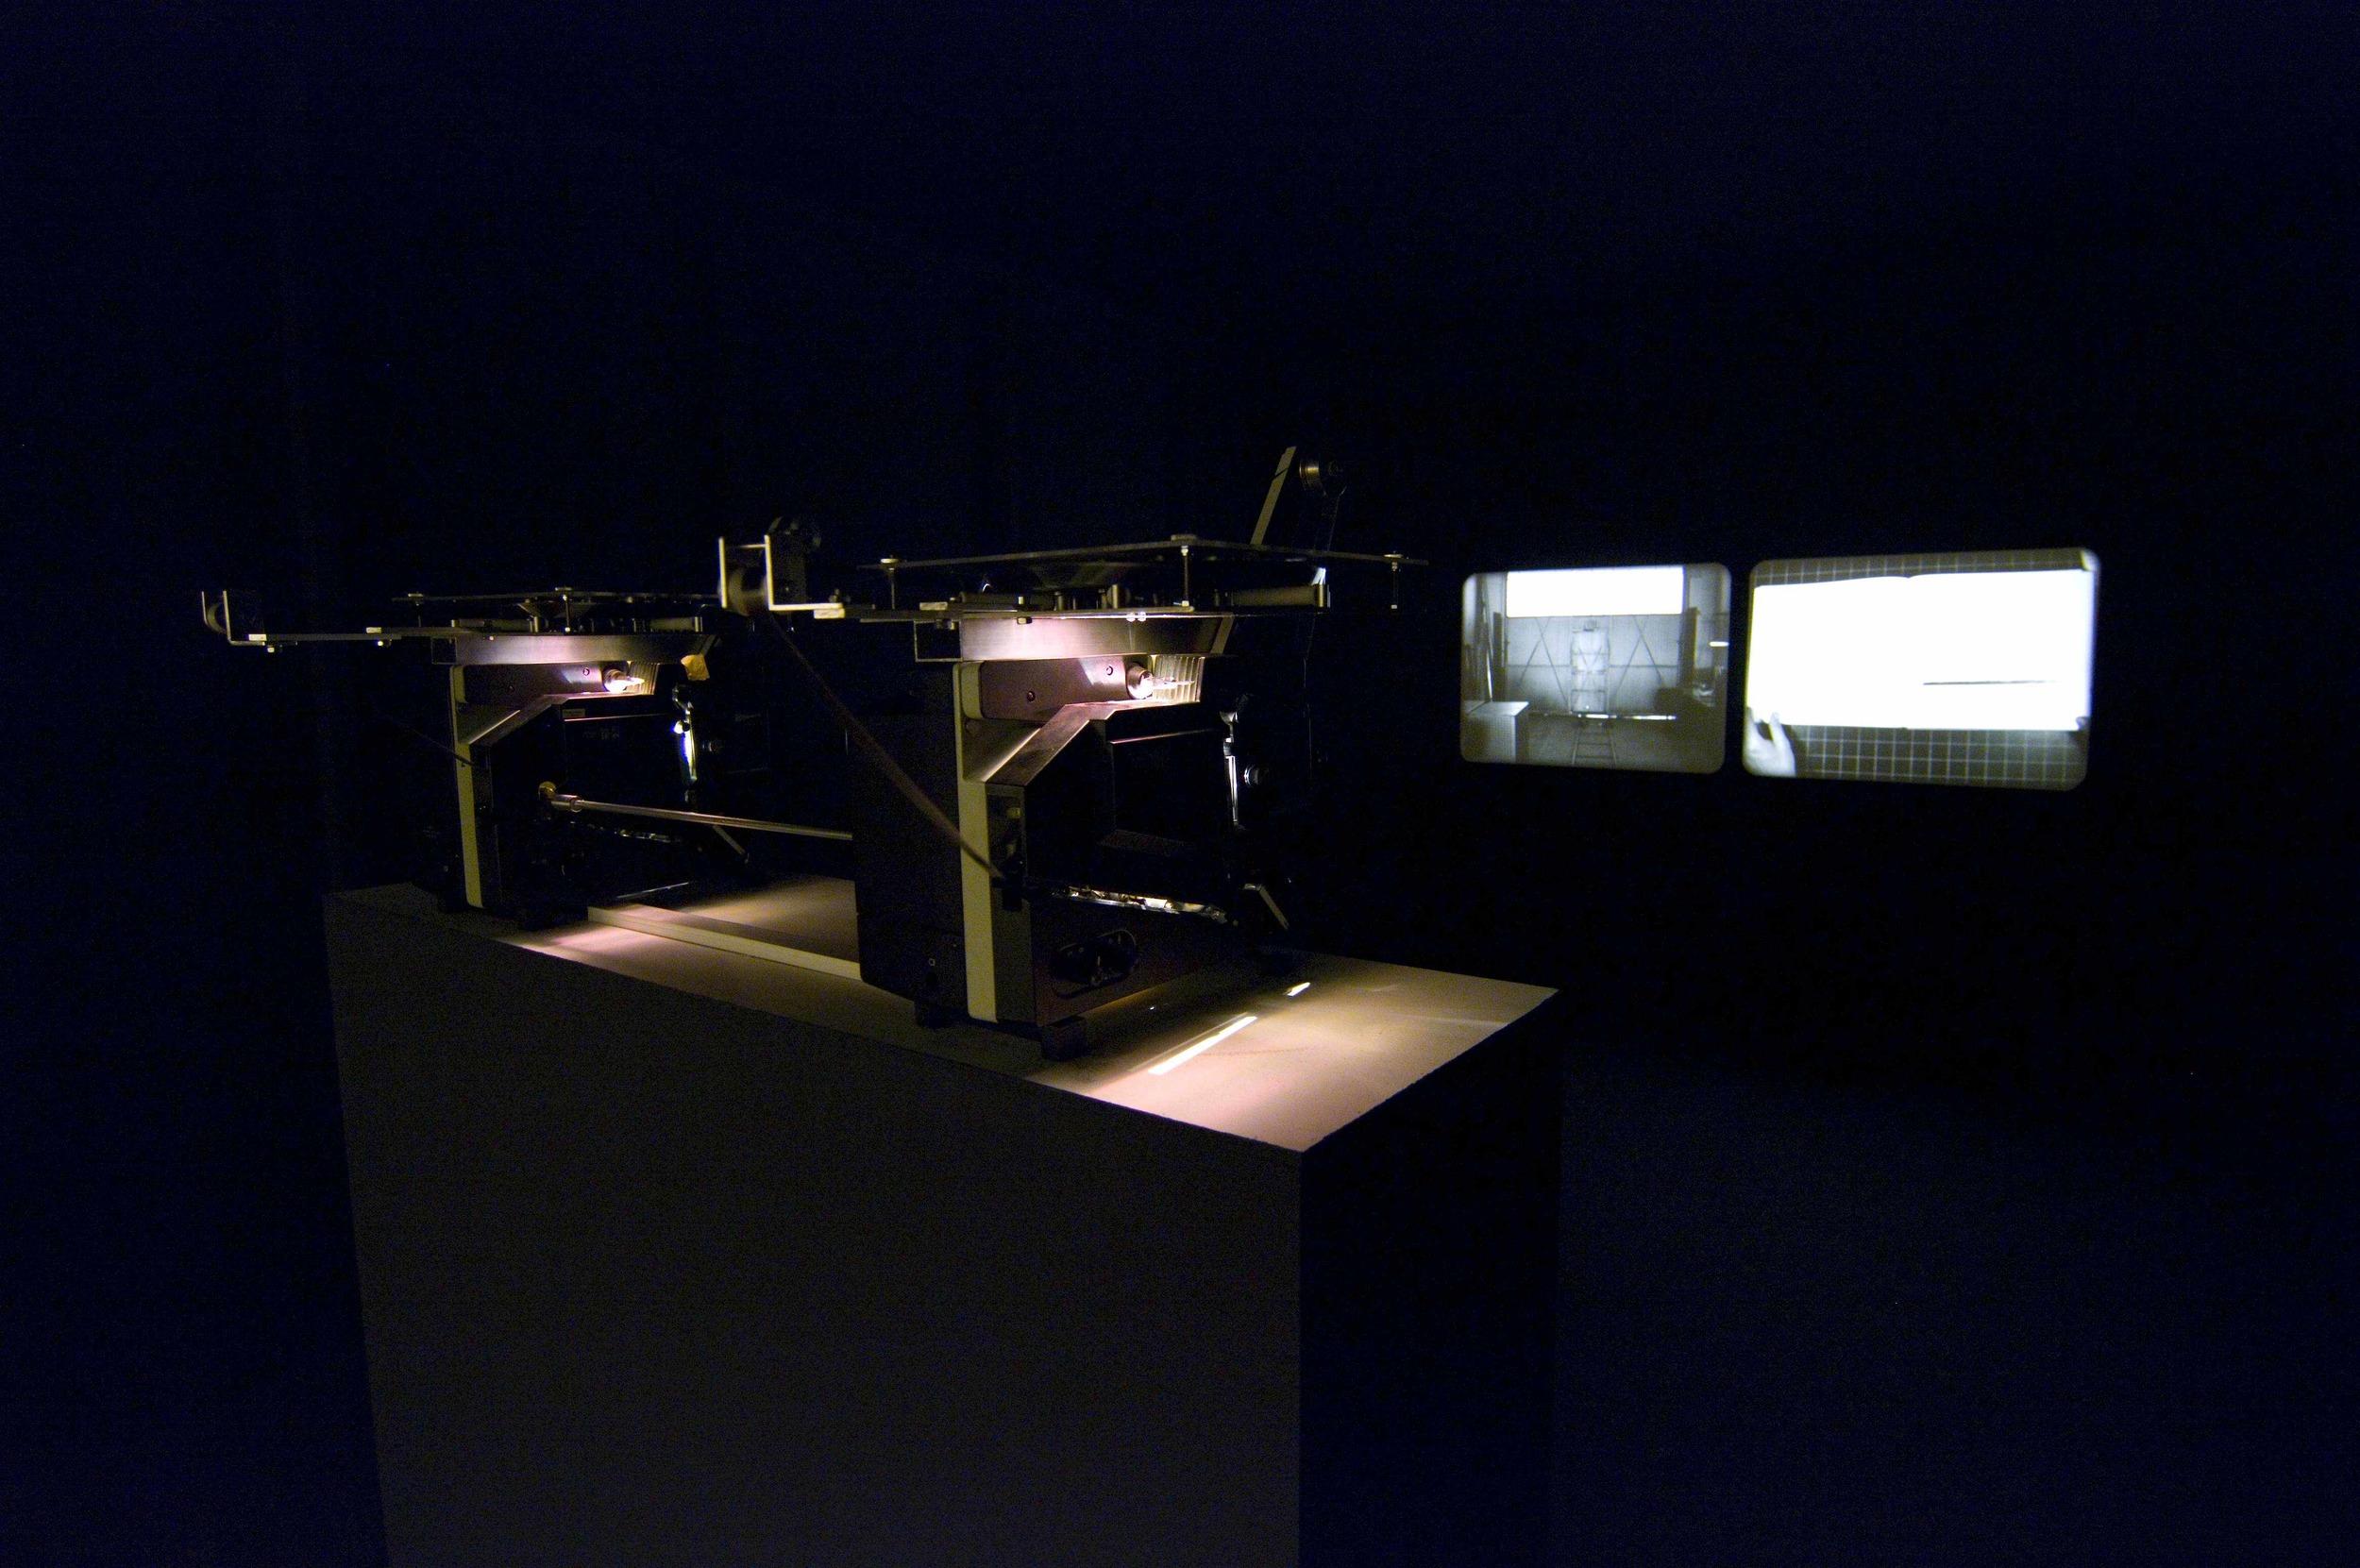 Installation View: Landesgalerie, Linz, 2010